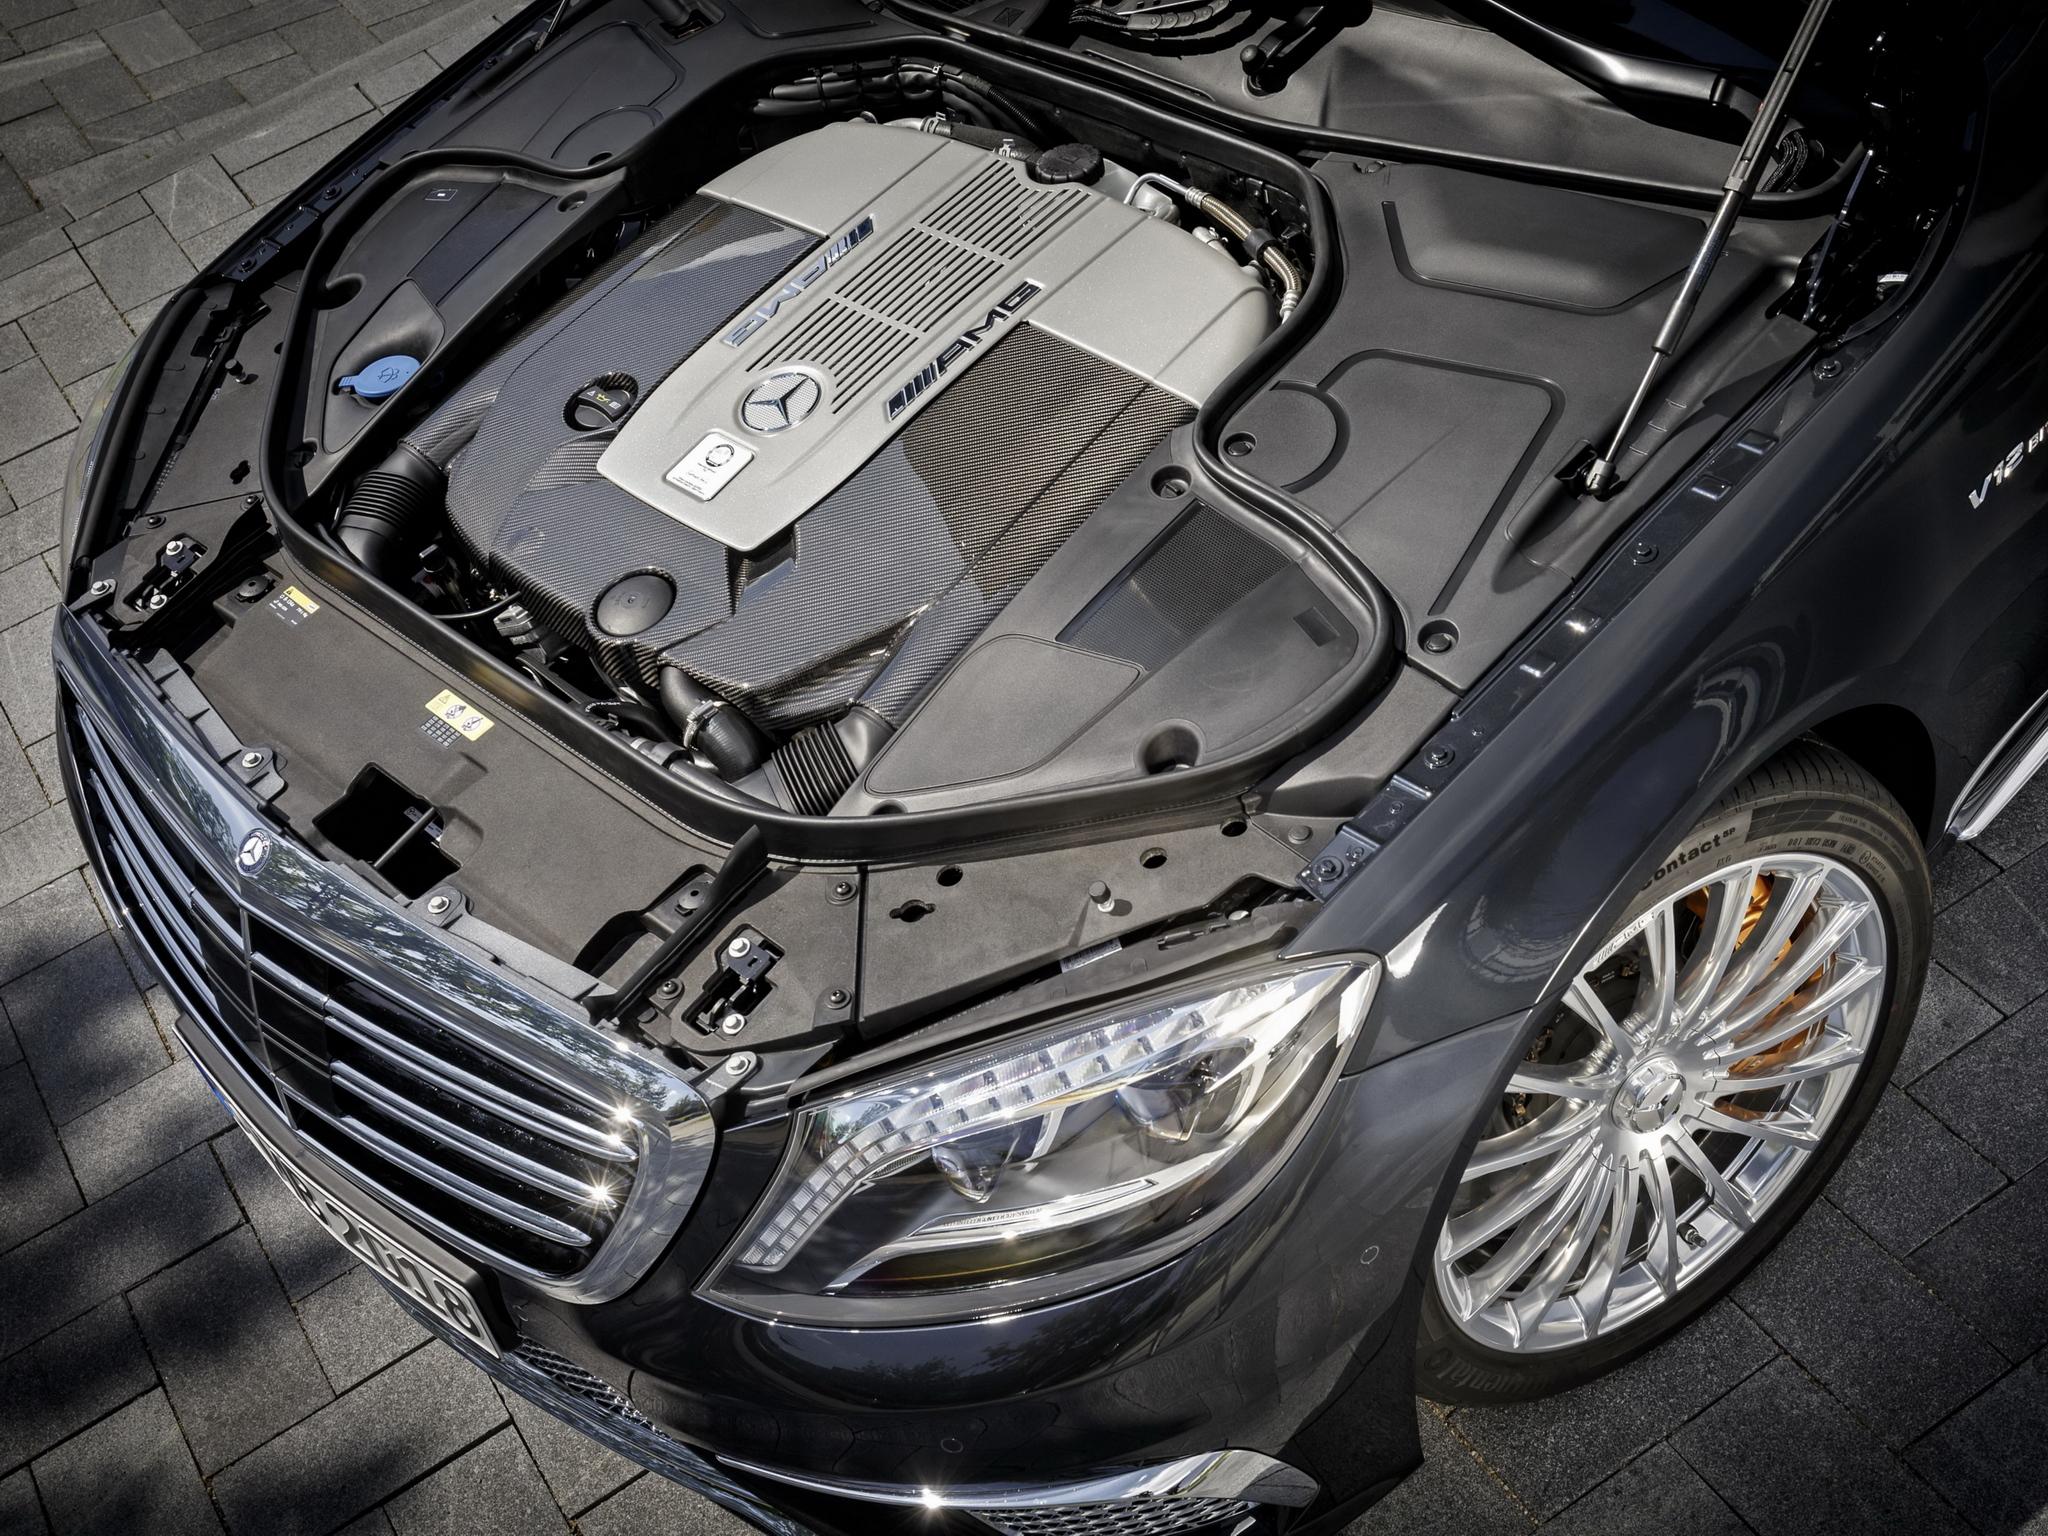 Mercedes-Benz S65 AMG W222